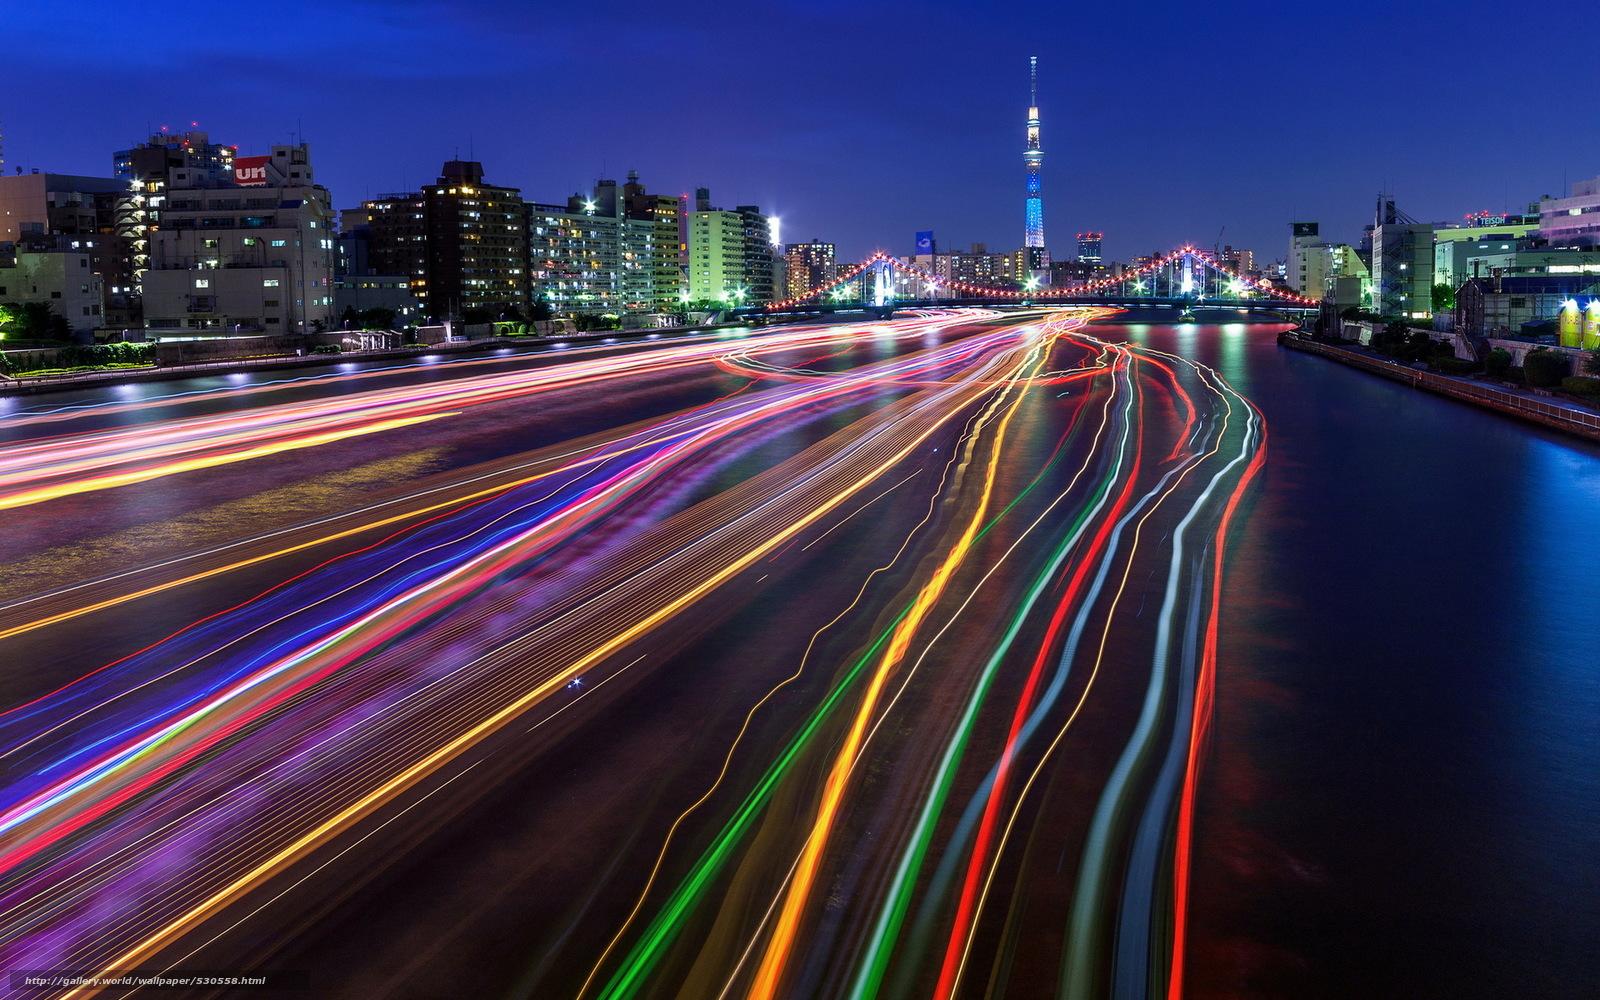 壁紙をダウンロード 東京スカイツリー 光の道 都市 長時間暴露 デスクトップの解像度のための無料壁紙 19x10 絵